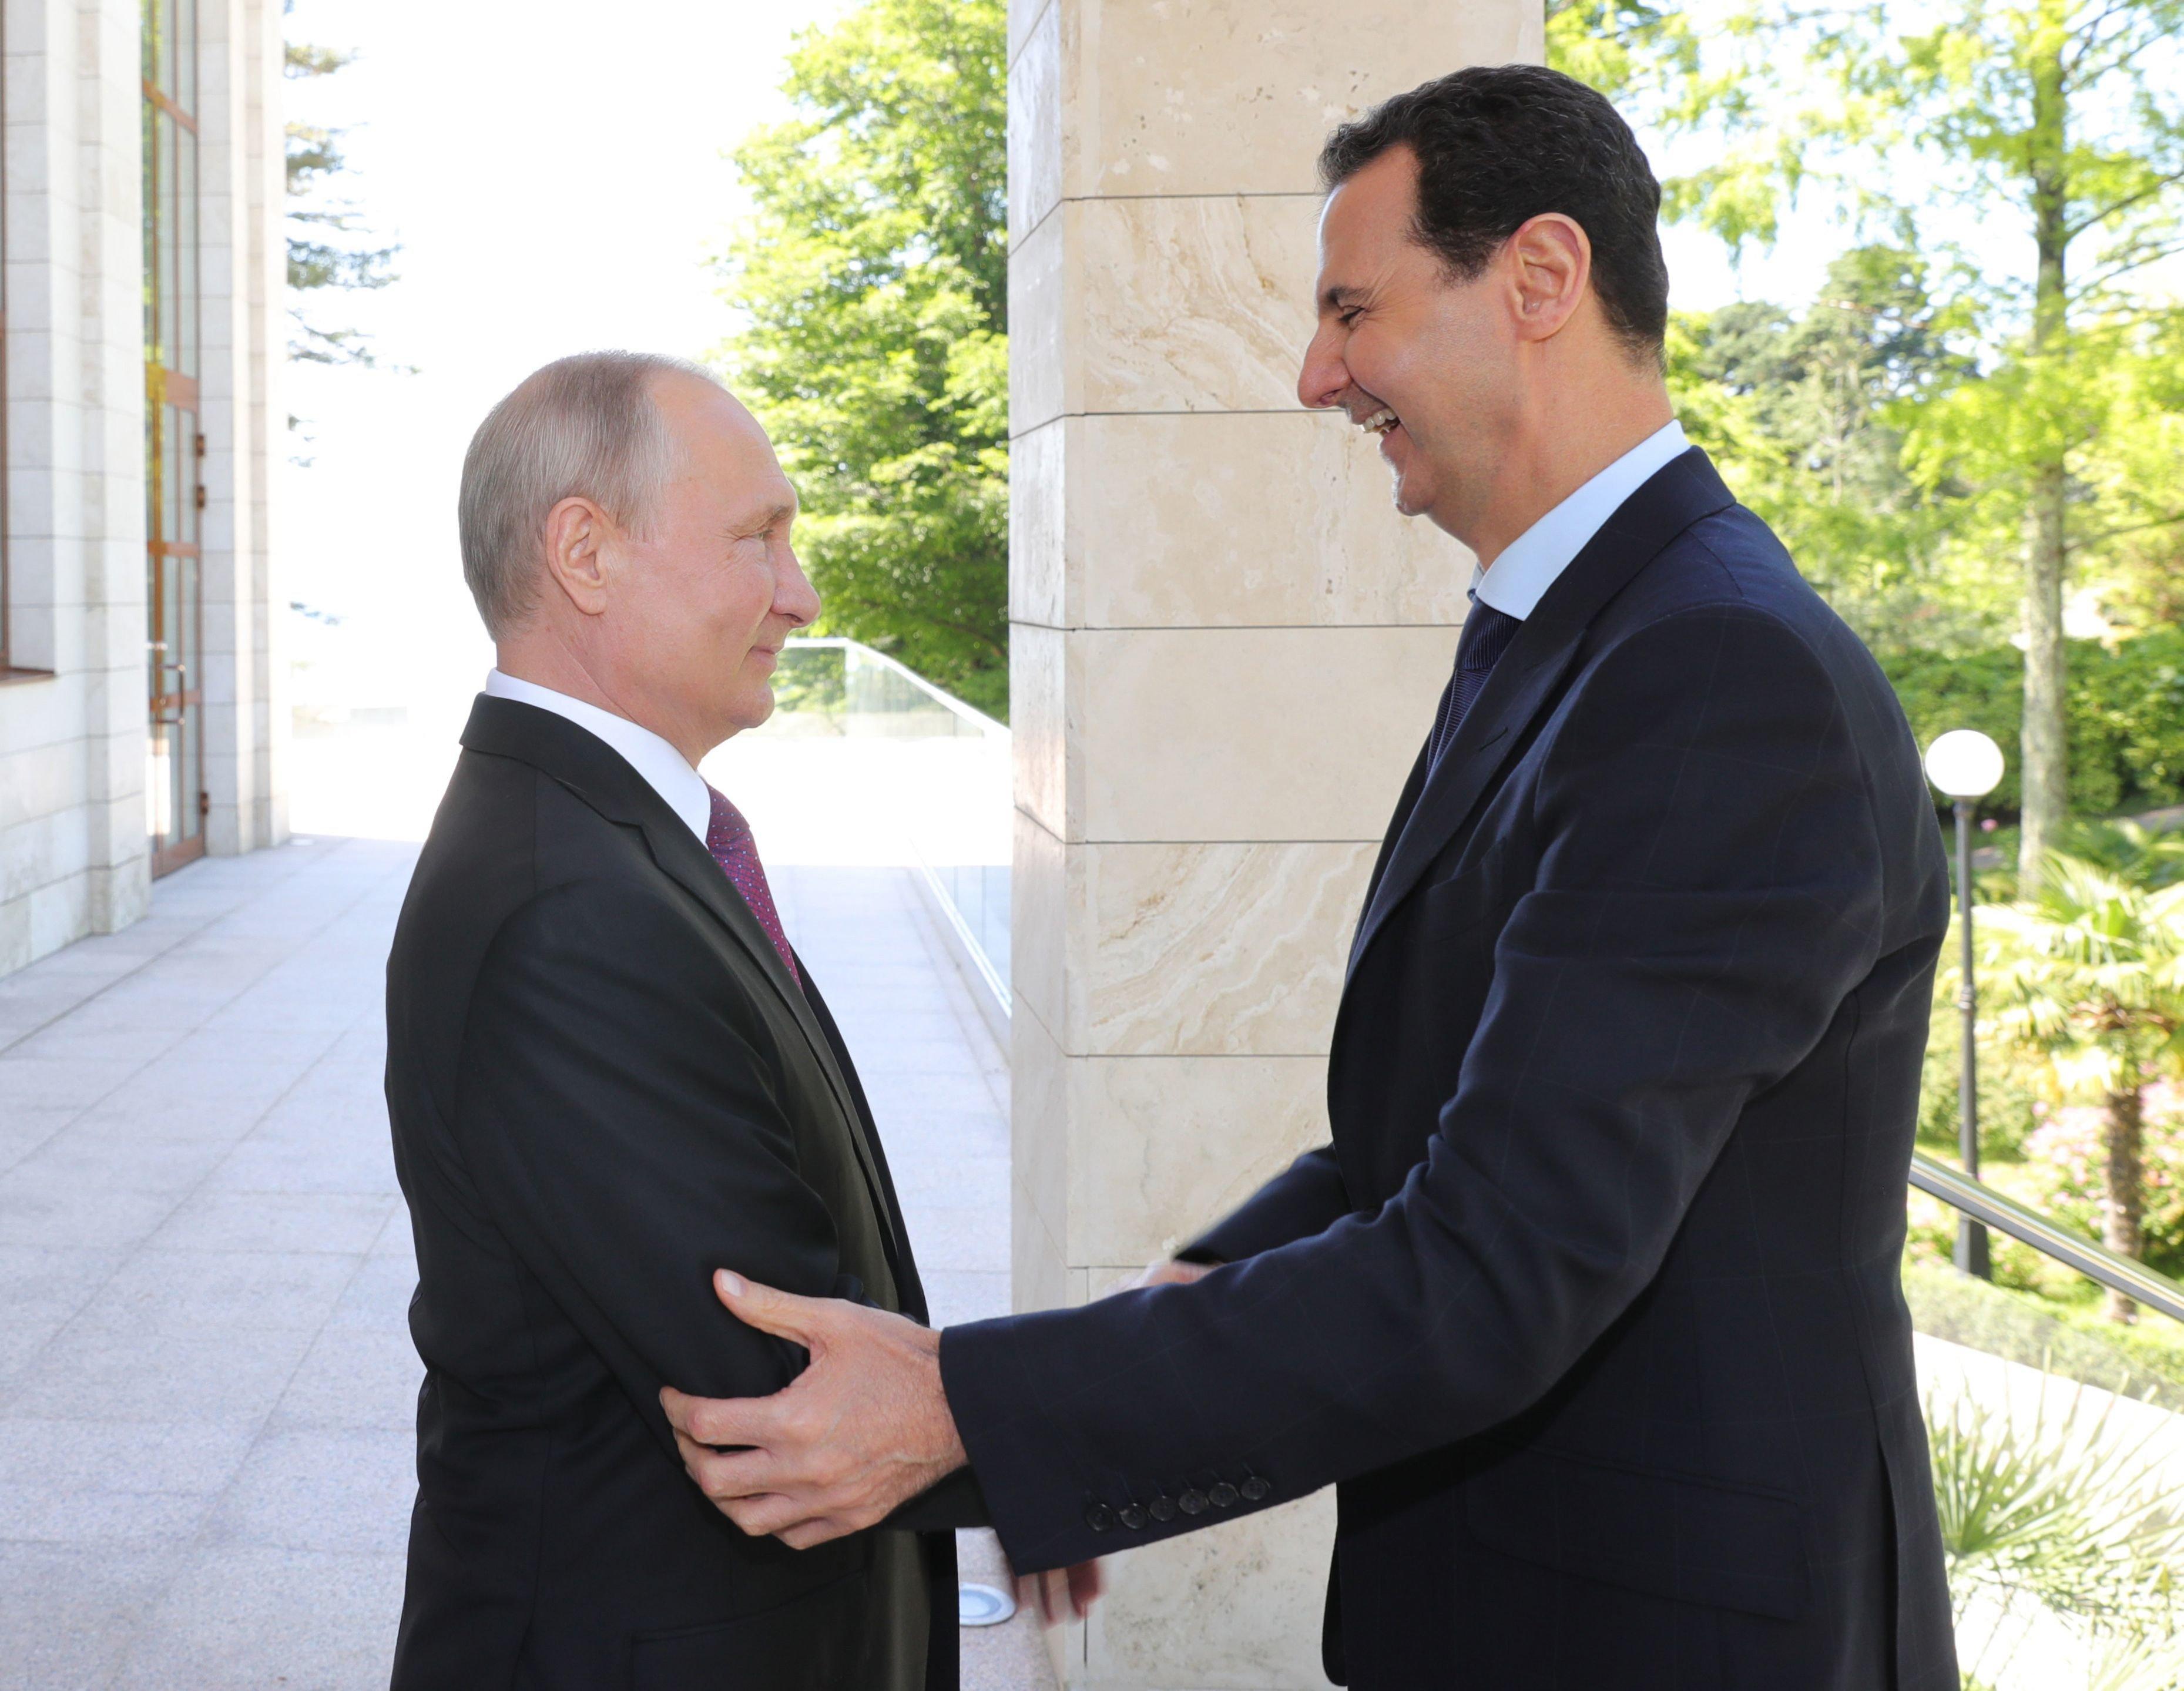 Στο Σότσι ο Άσαντ για συνομιλίες με Πούτιν. Τάχθηκαν υπέρ της αναβίωσης της «πολιτικής